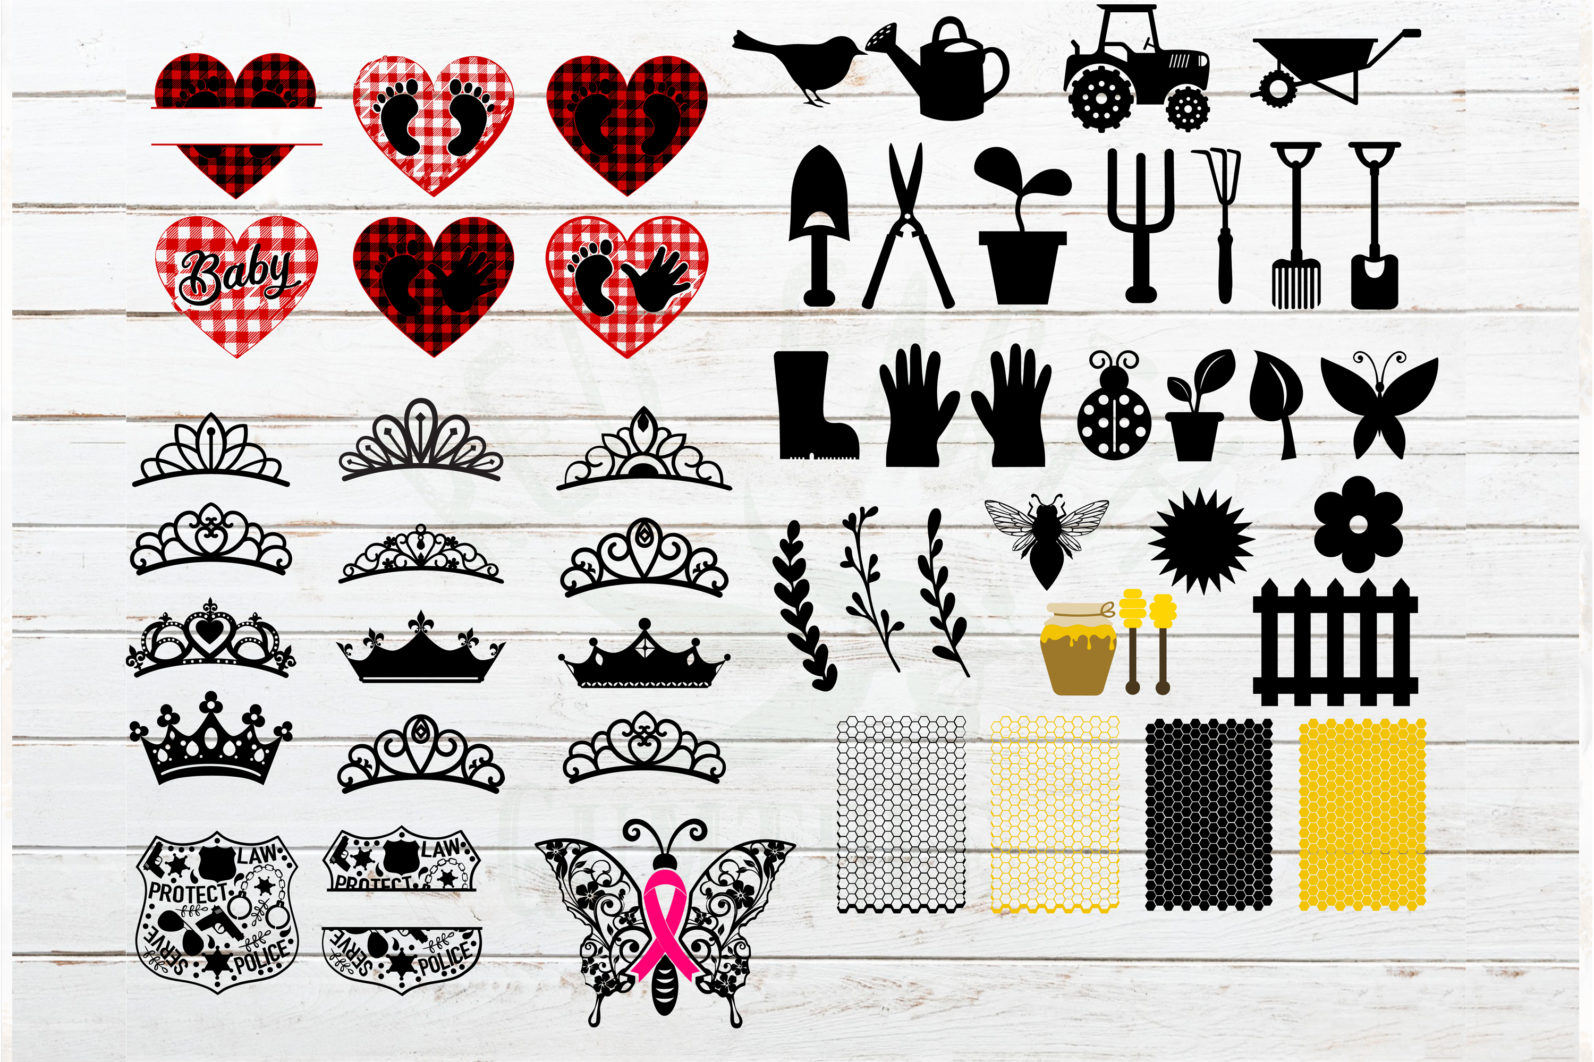 The Mega SVG Bundle Design Volume 2. More than 250 Designs in SVG,PNG,DXF,PDF,EPS formats - svg bundle for cricutfishing bundletrain bundlehoney bee honeycomb svganimal nbundleowl svgfish bundlefarm bundle svgballet bundle svgcute monster faces 4 scaled -